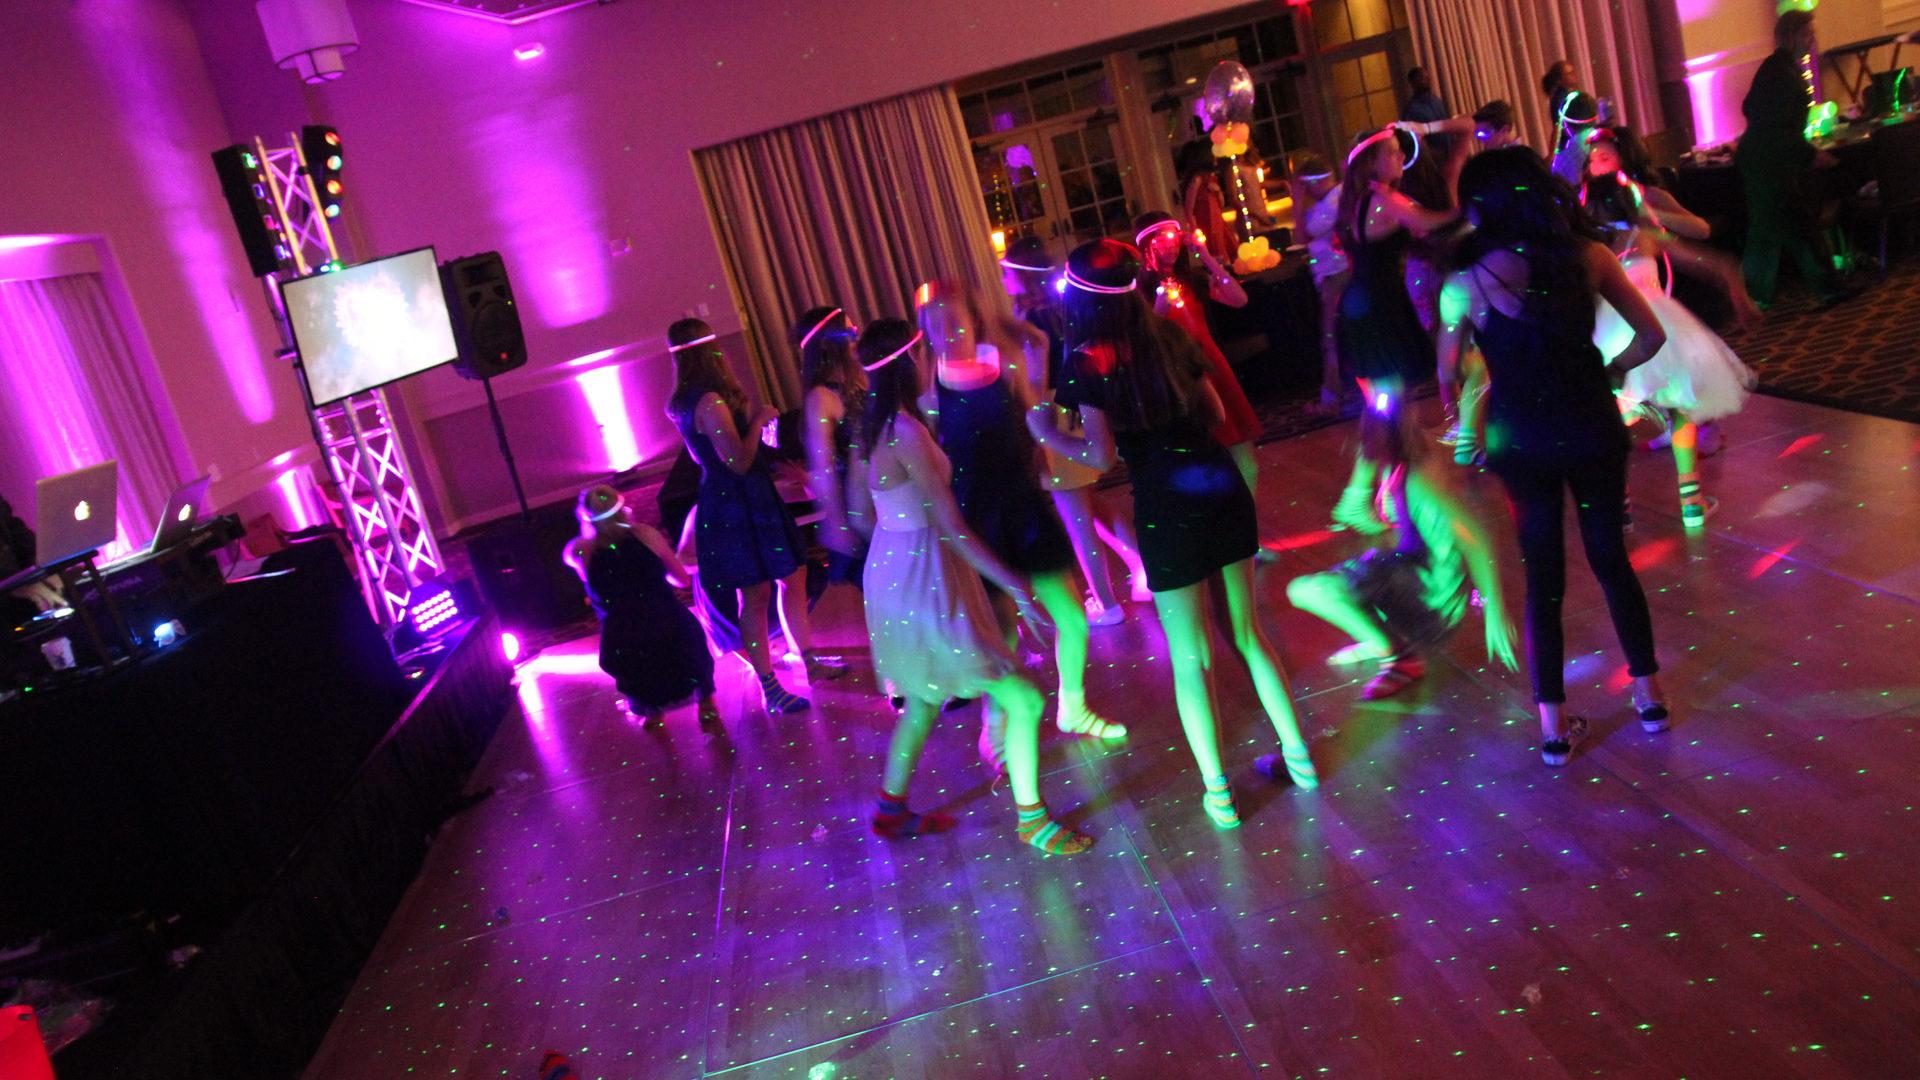 Dancefloor_LED lights.JPG